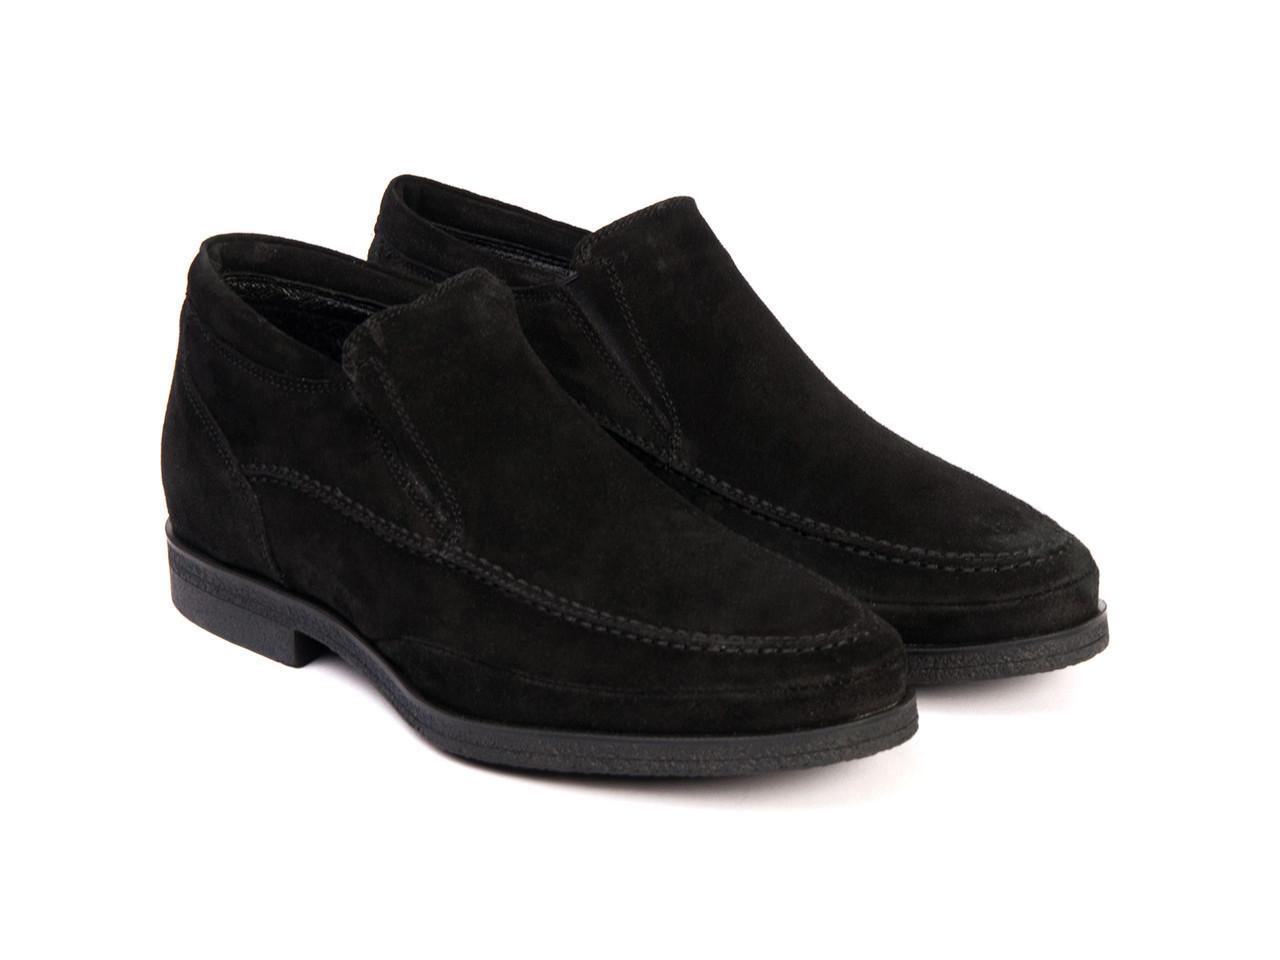 Ботинки Etor 6419-606-060 43 черные